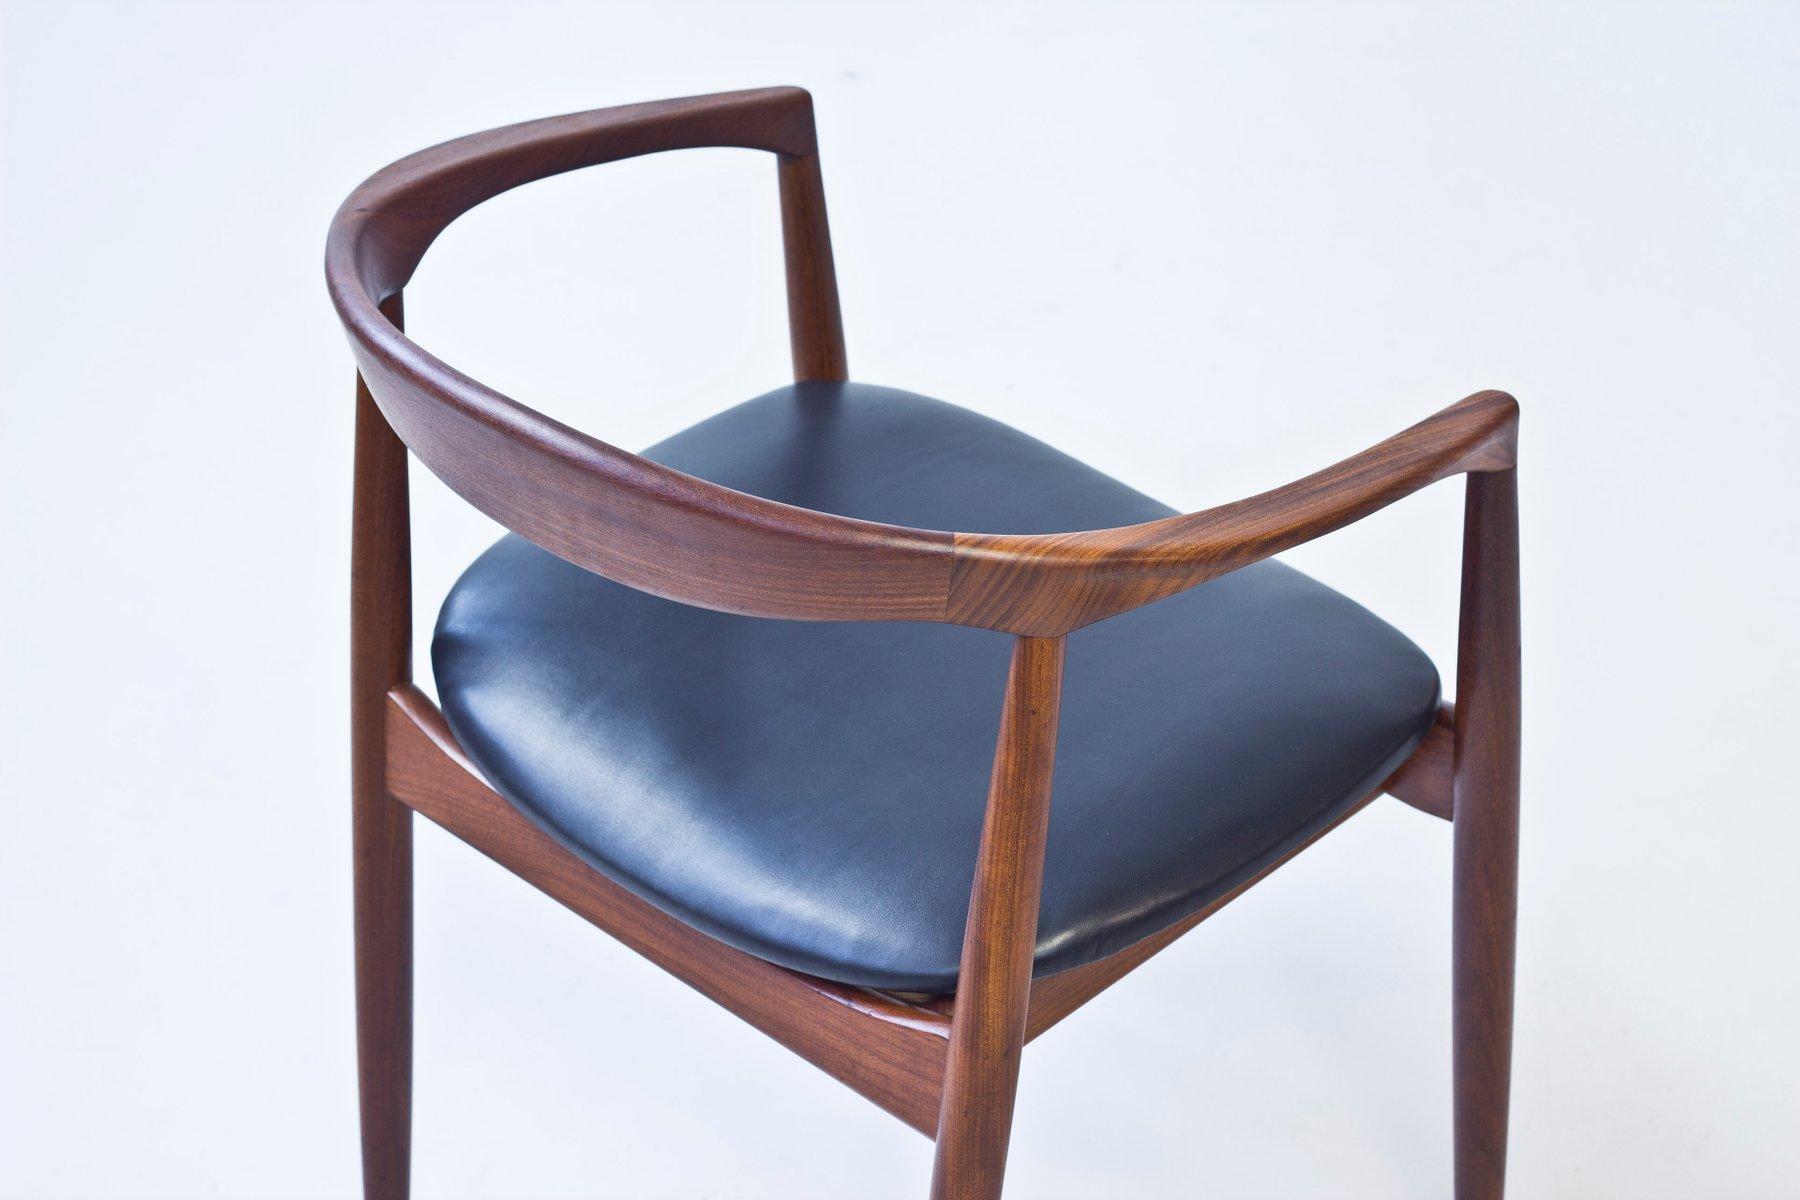 Troika arm chair by kai kristiansen for ikea 1950s for sale at pamono - Kai kristiansen chair ...